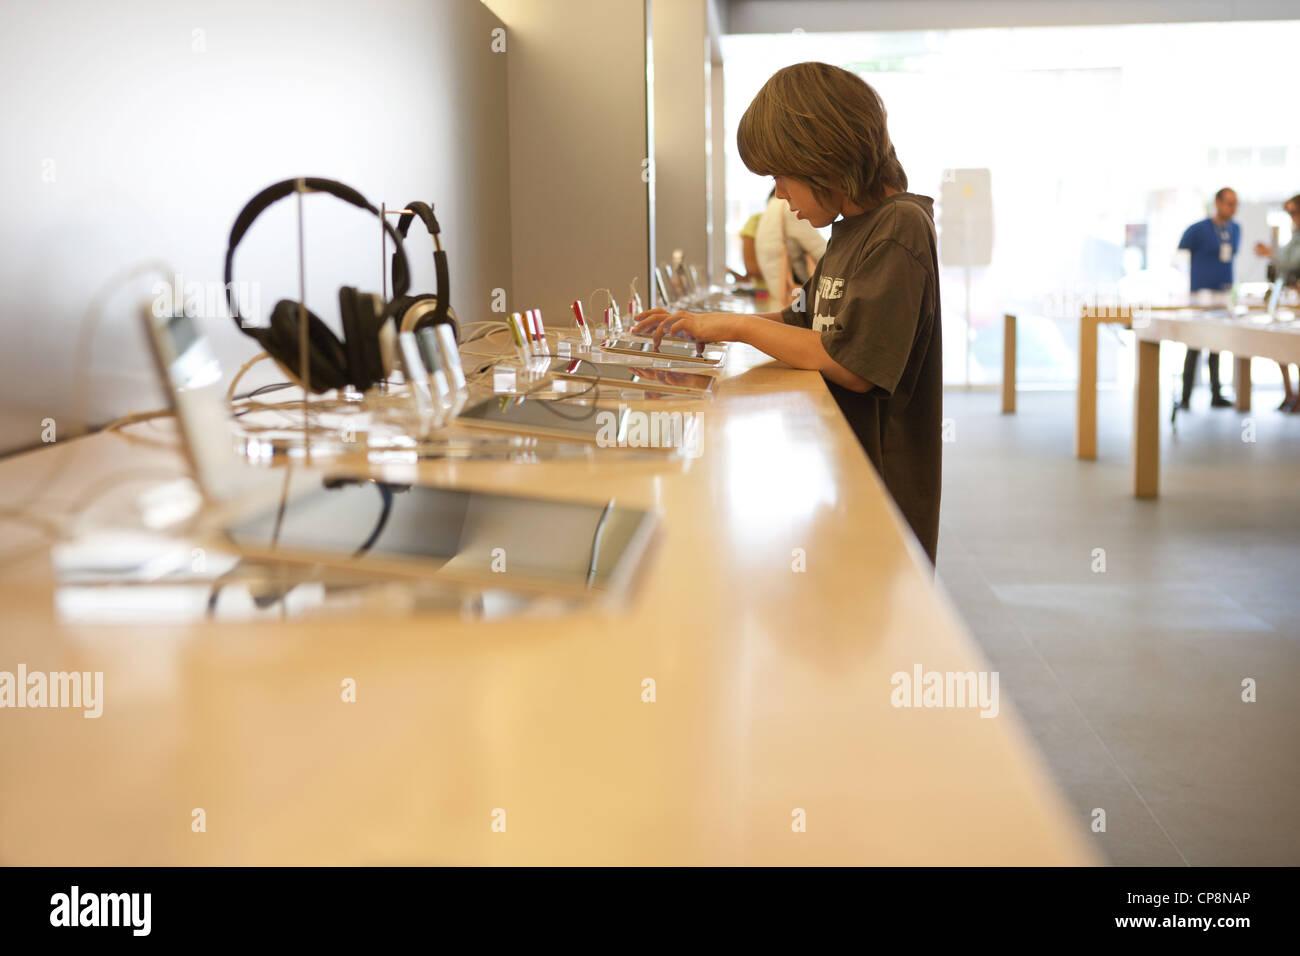 Neuf ans essaye la dernière version de tablette ipad dans un Apple store. Photo Stock